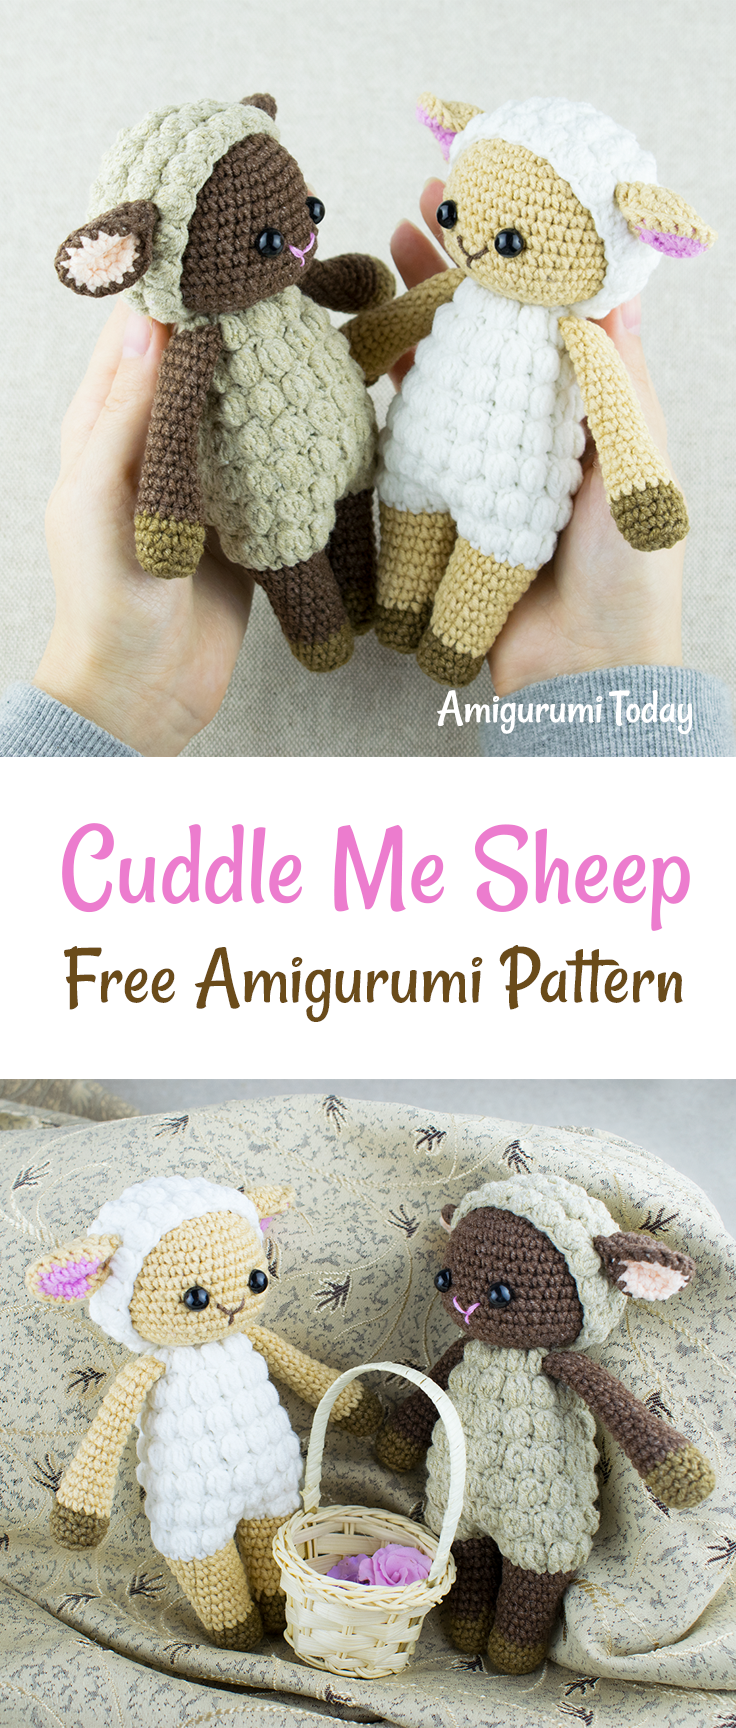 Cuddle Me Sheep amigurumi pattern | Patrones amigurumi, Patrones y ...